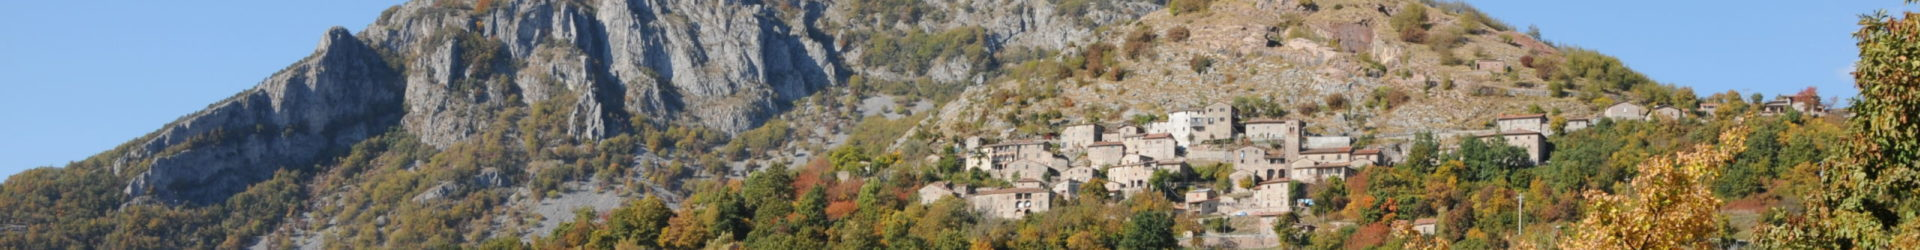 12 ottobre: Riscatti rurali. Dialogo sulla fotografia del paesaggio rurale storico